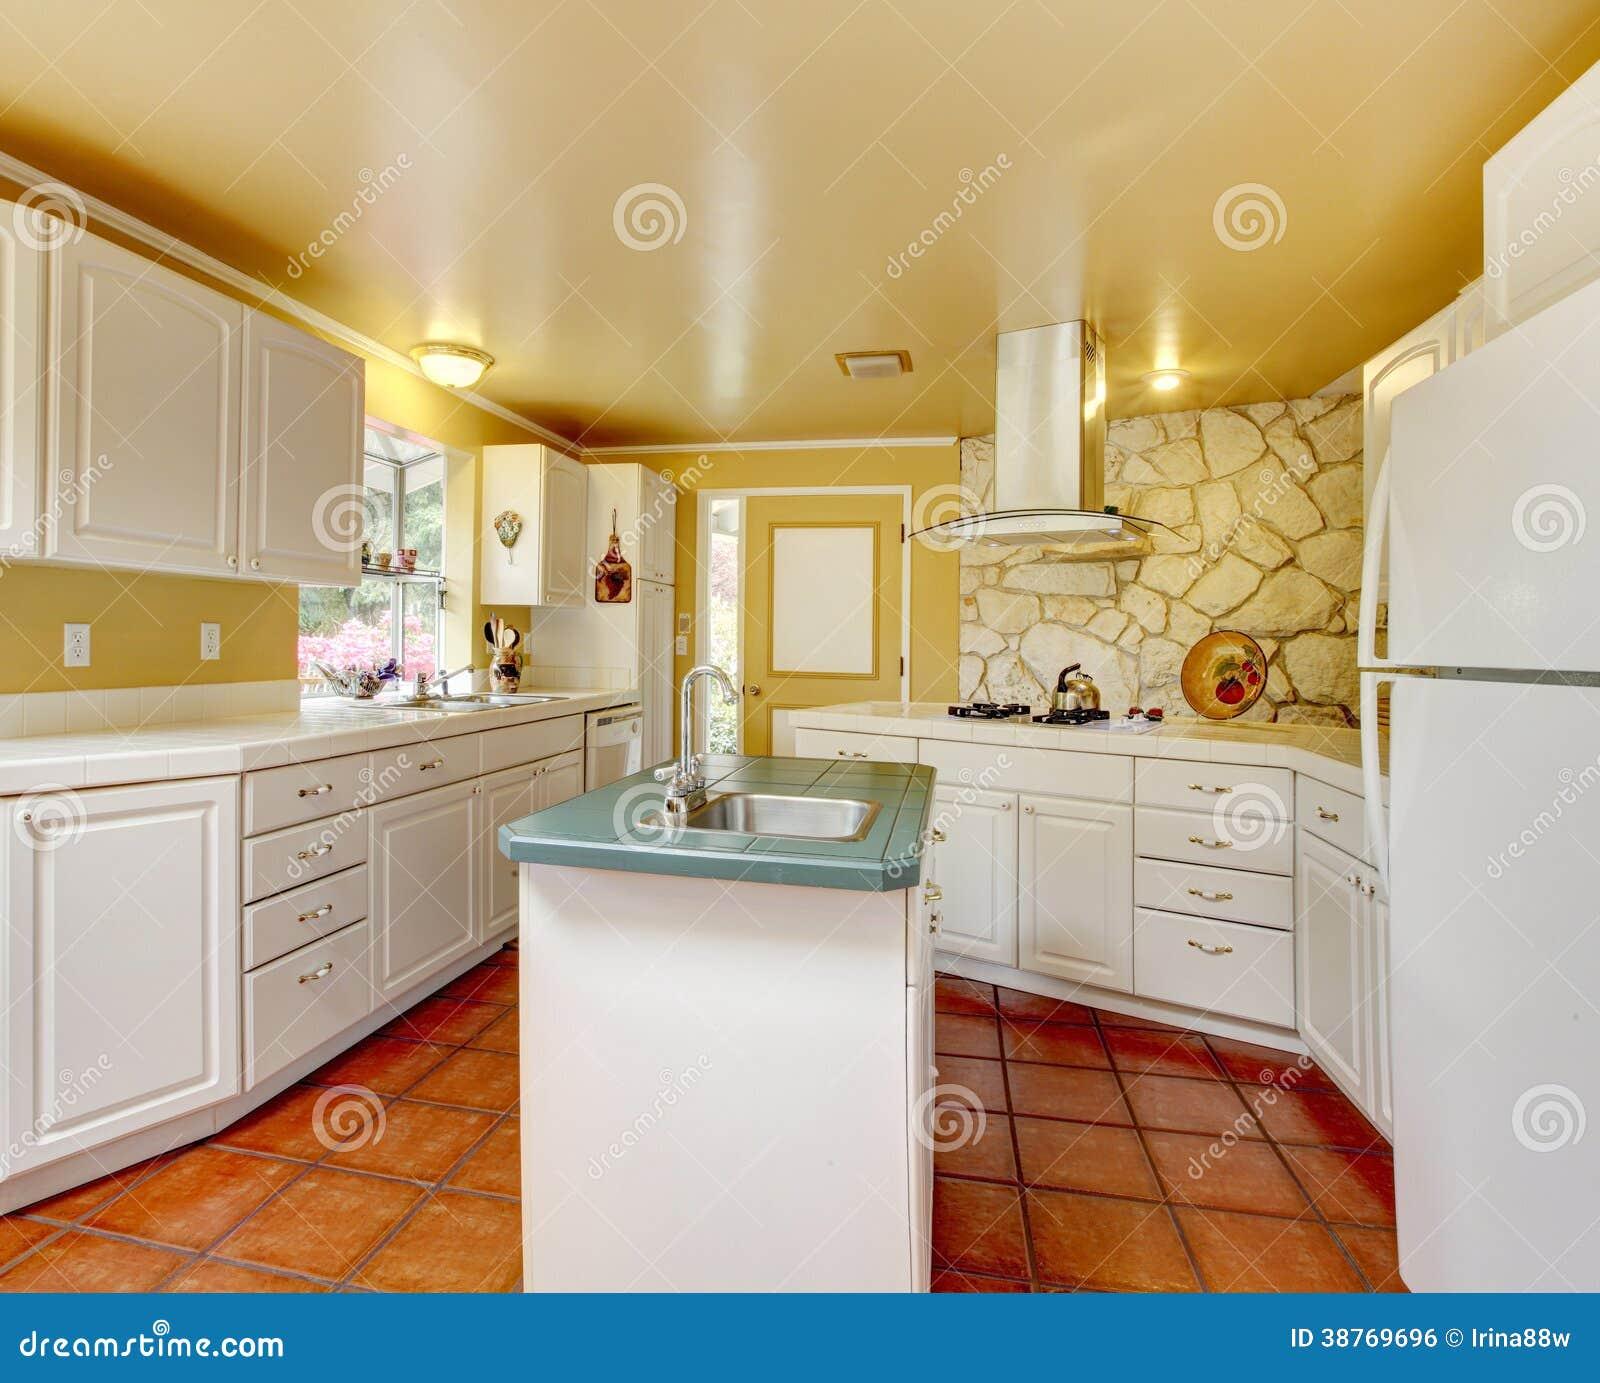 Stanza della cucina dell 39 avorio con la parete di pietra for Grande disposizione della stanza